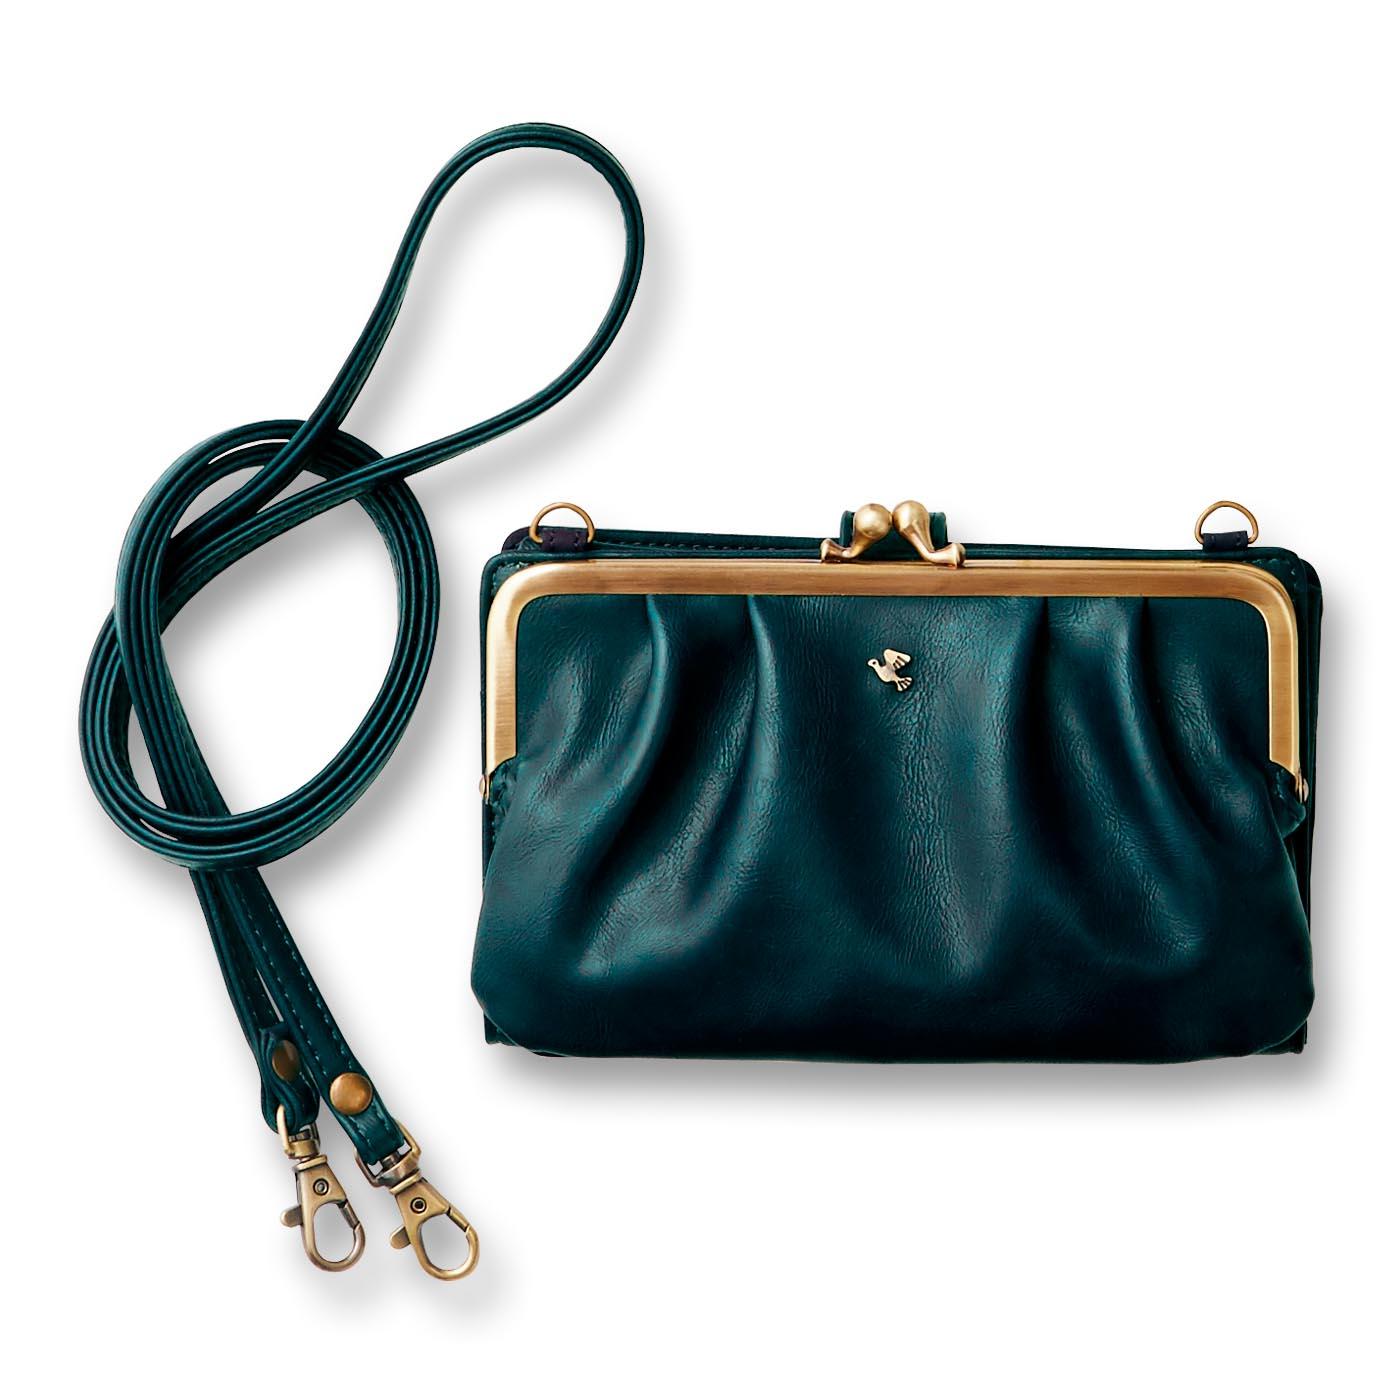 〈オリーブ〉 ストラップを取り外して、バッグの中に入れることも。